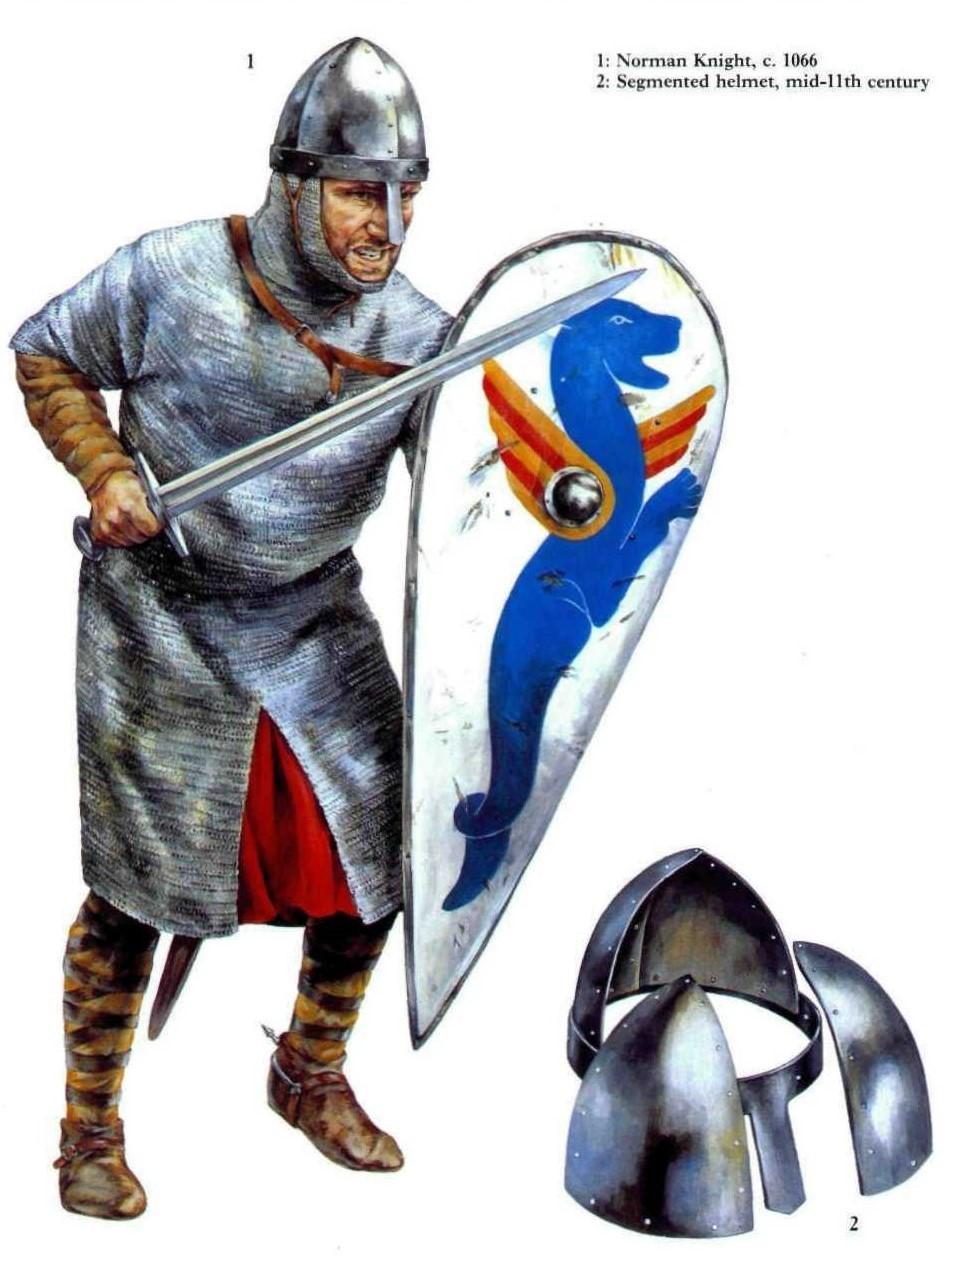 诺曼骑士和他的锥形盔